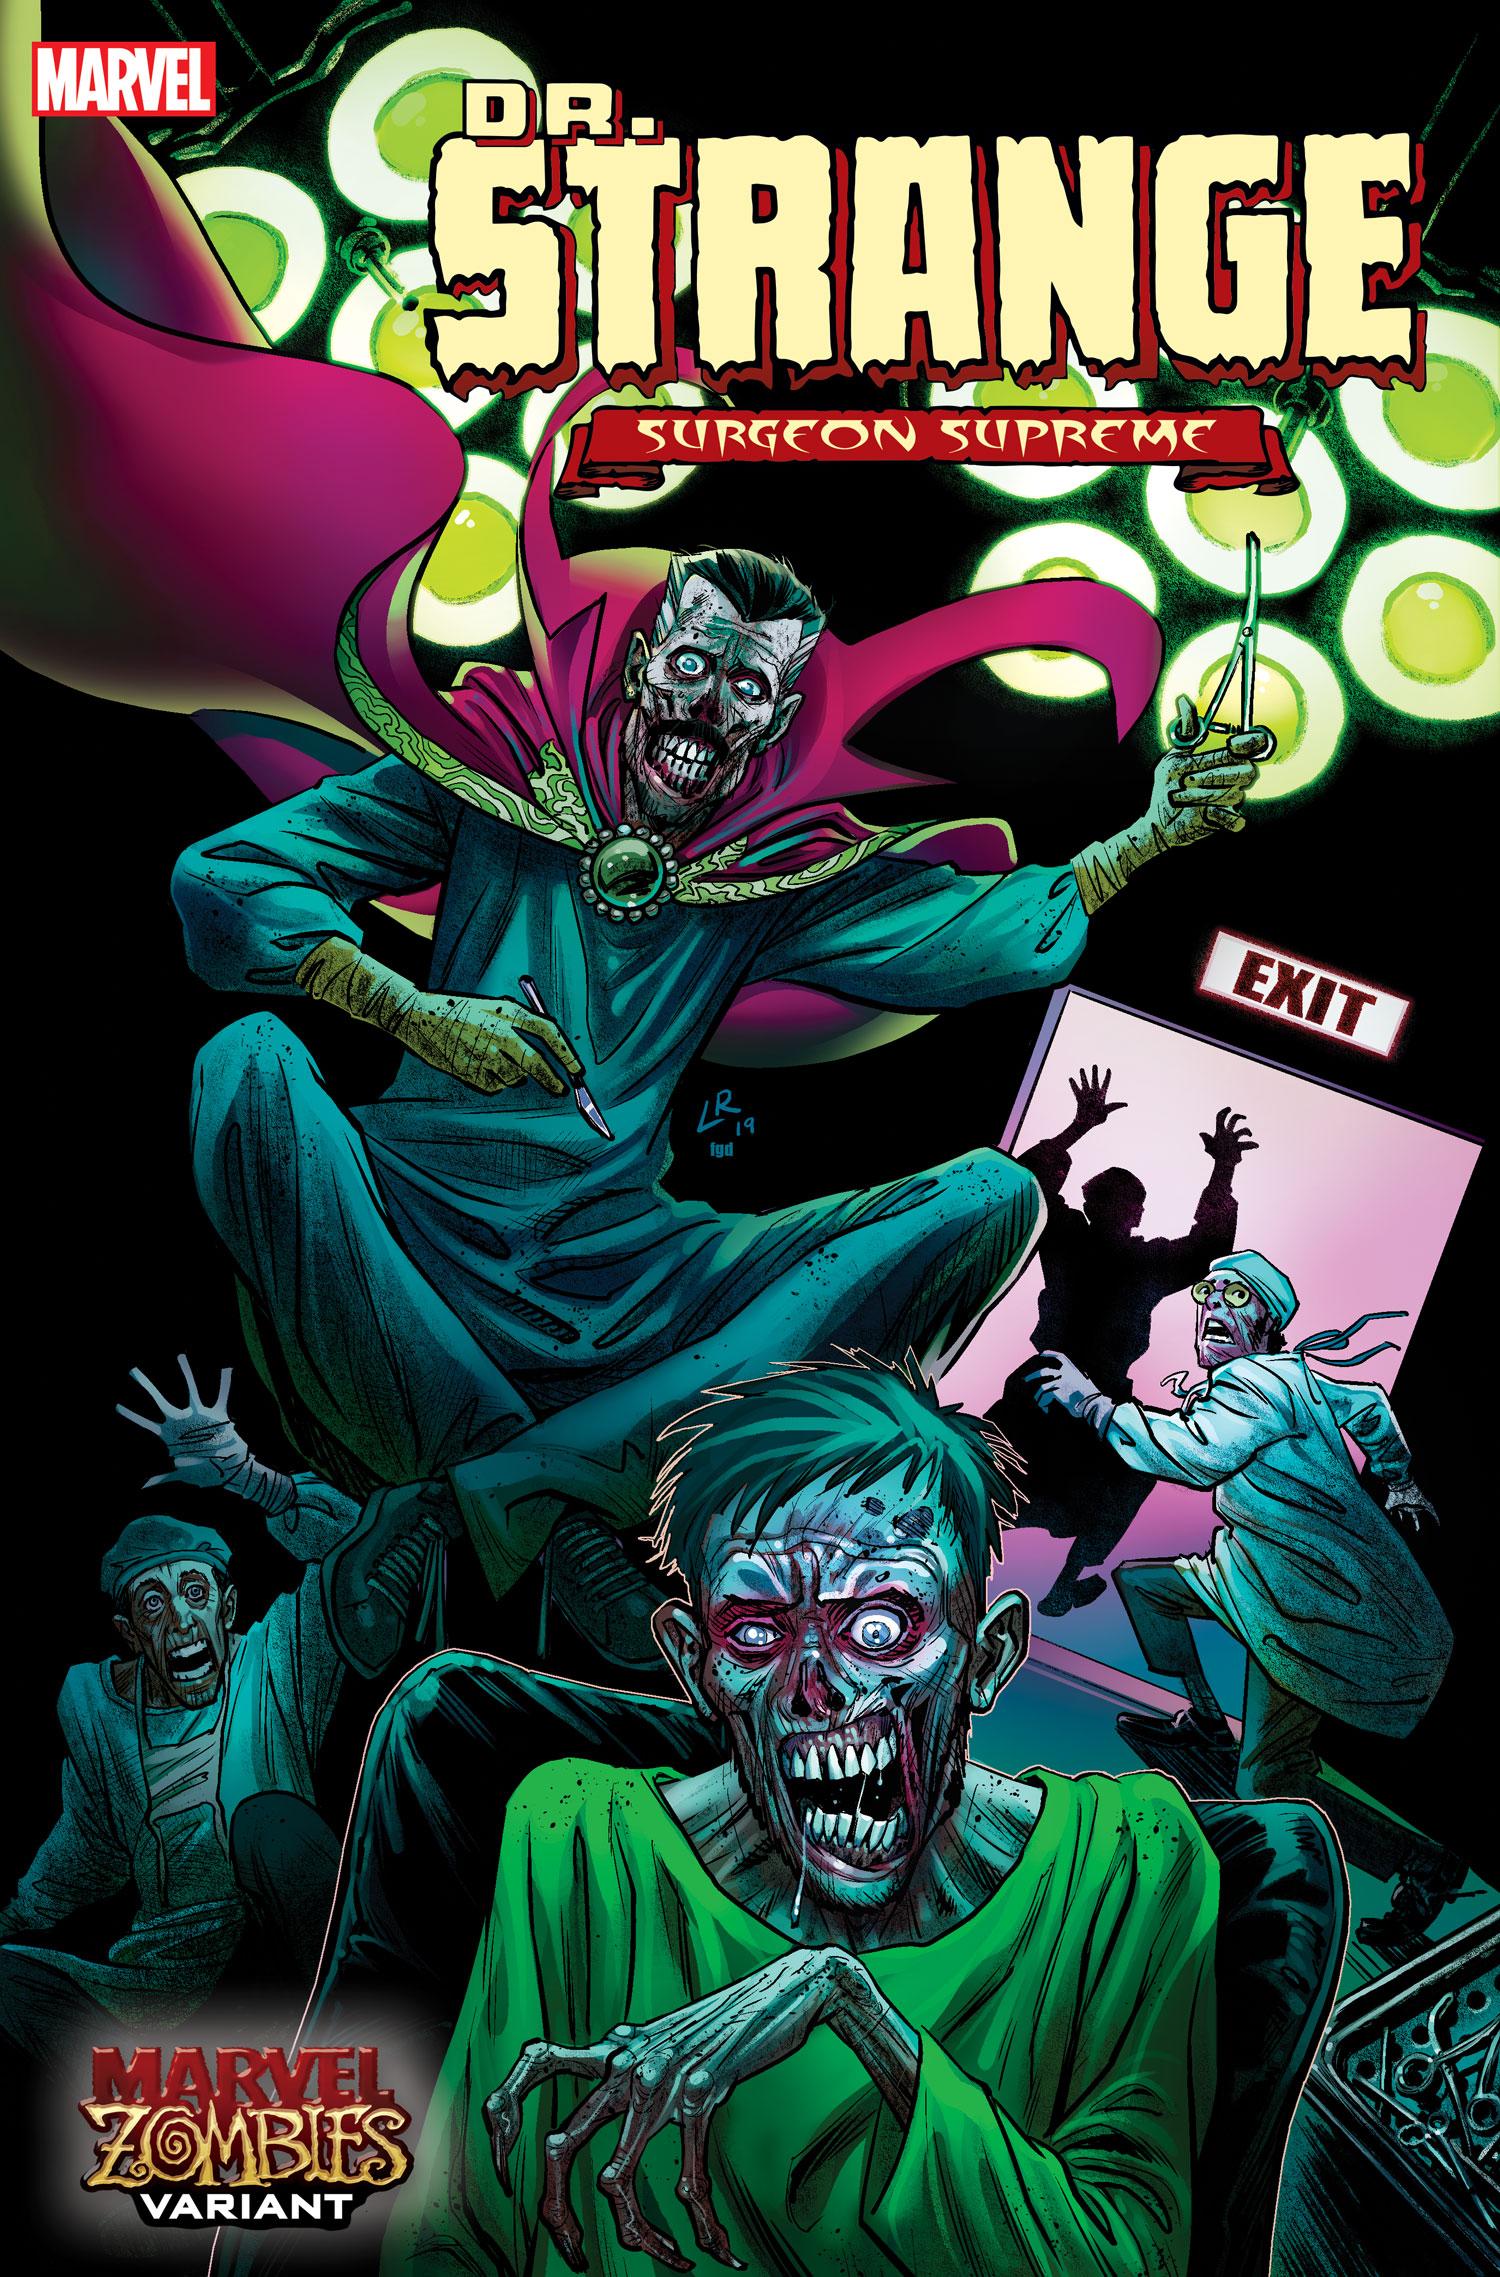 DRS2019005_Luke-Ross_Zombie-var.jpg